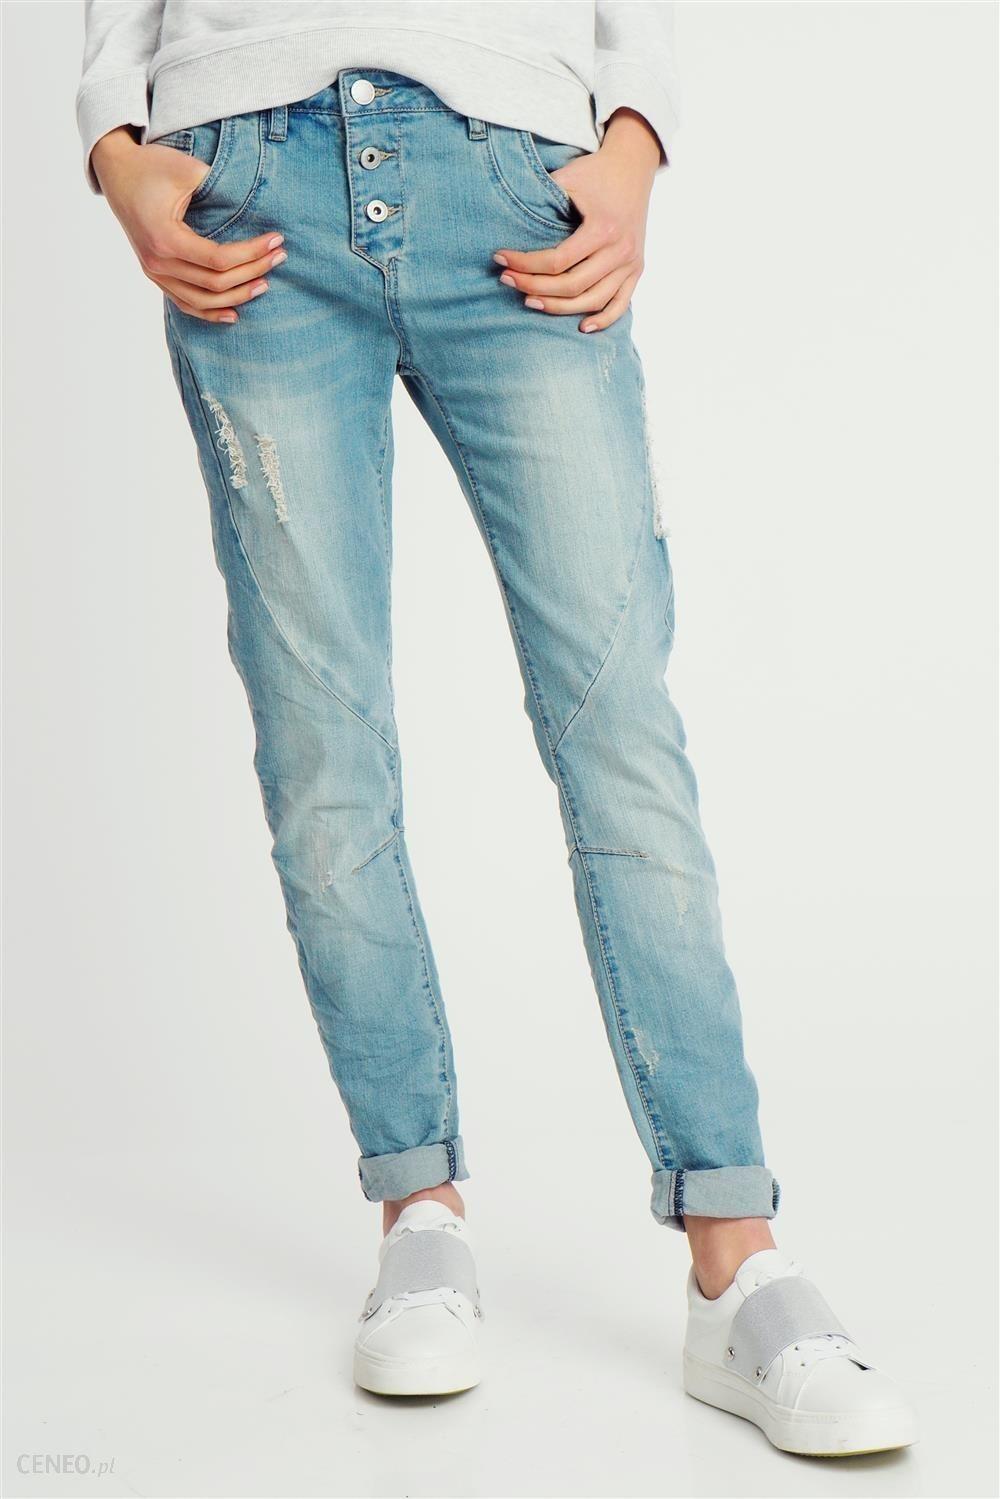 Spodnie jeansowe damskie z dziurami Boyfriend fit Sublevel